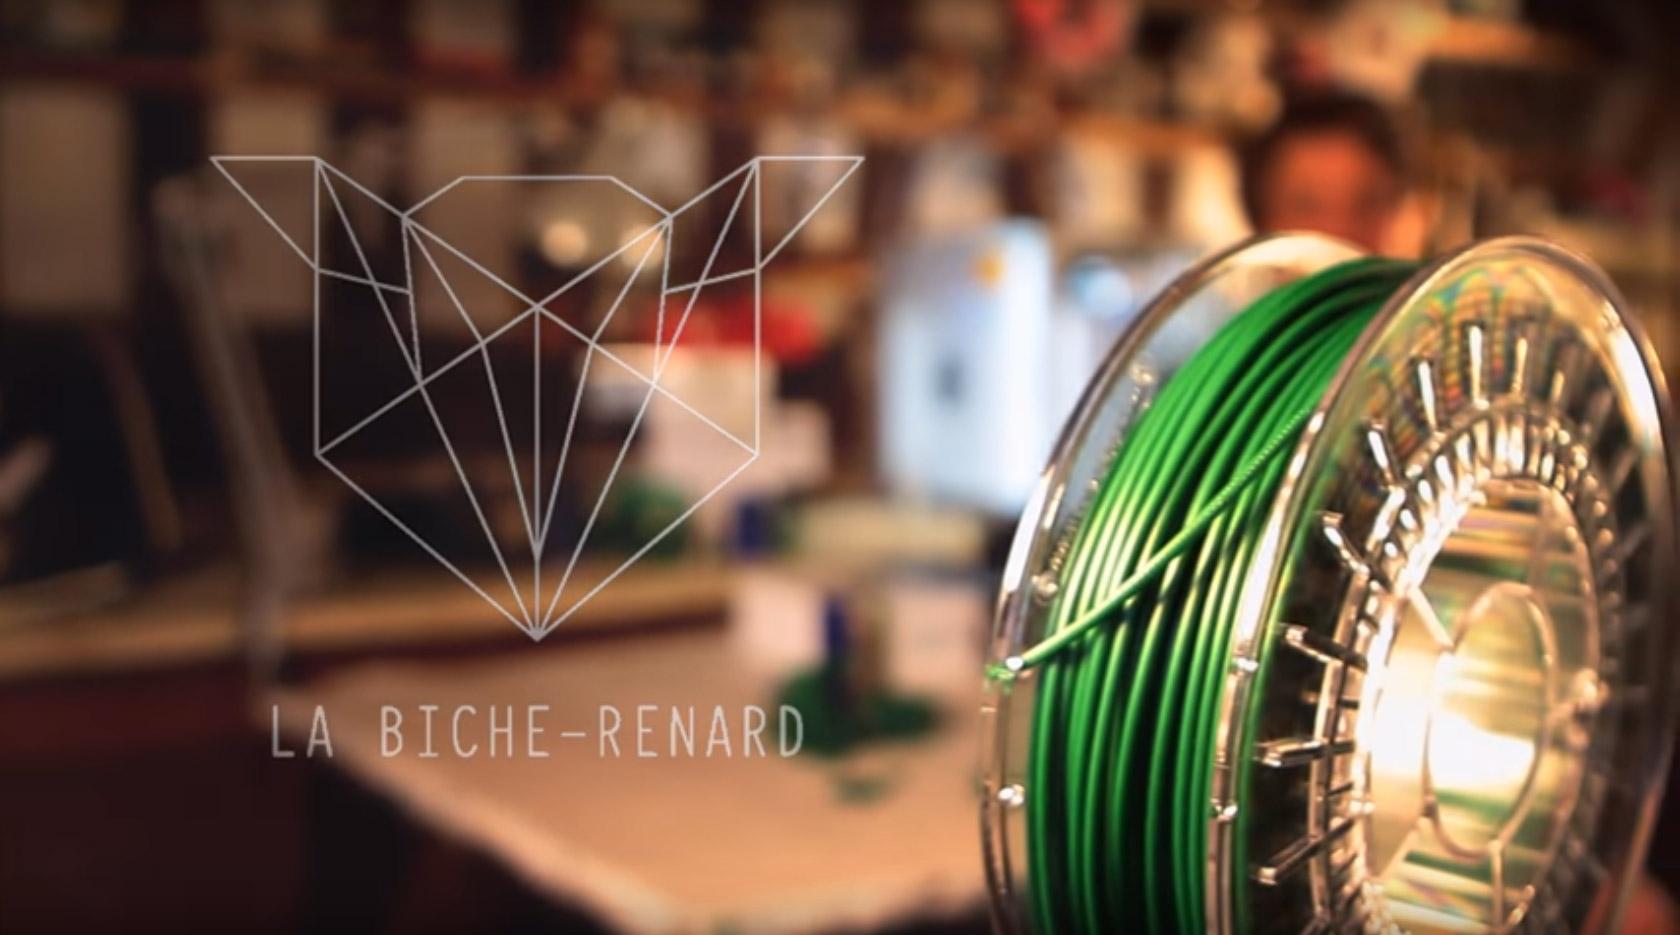 Présentation du filament PLA/PHA de ColorFabb